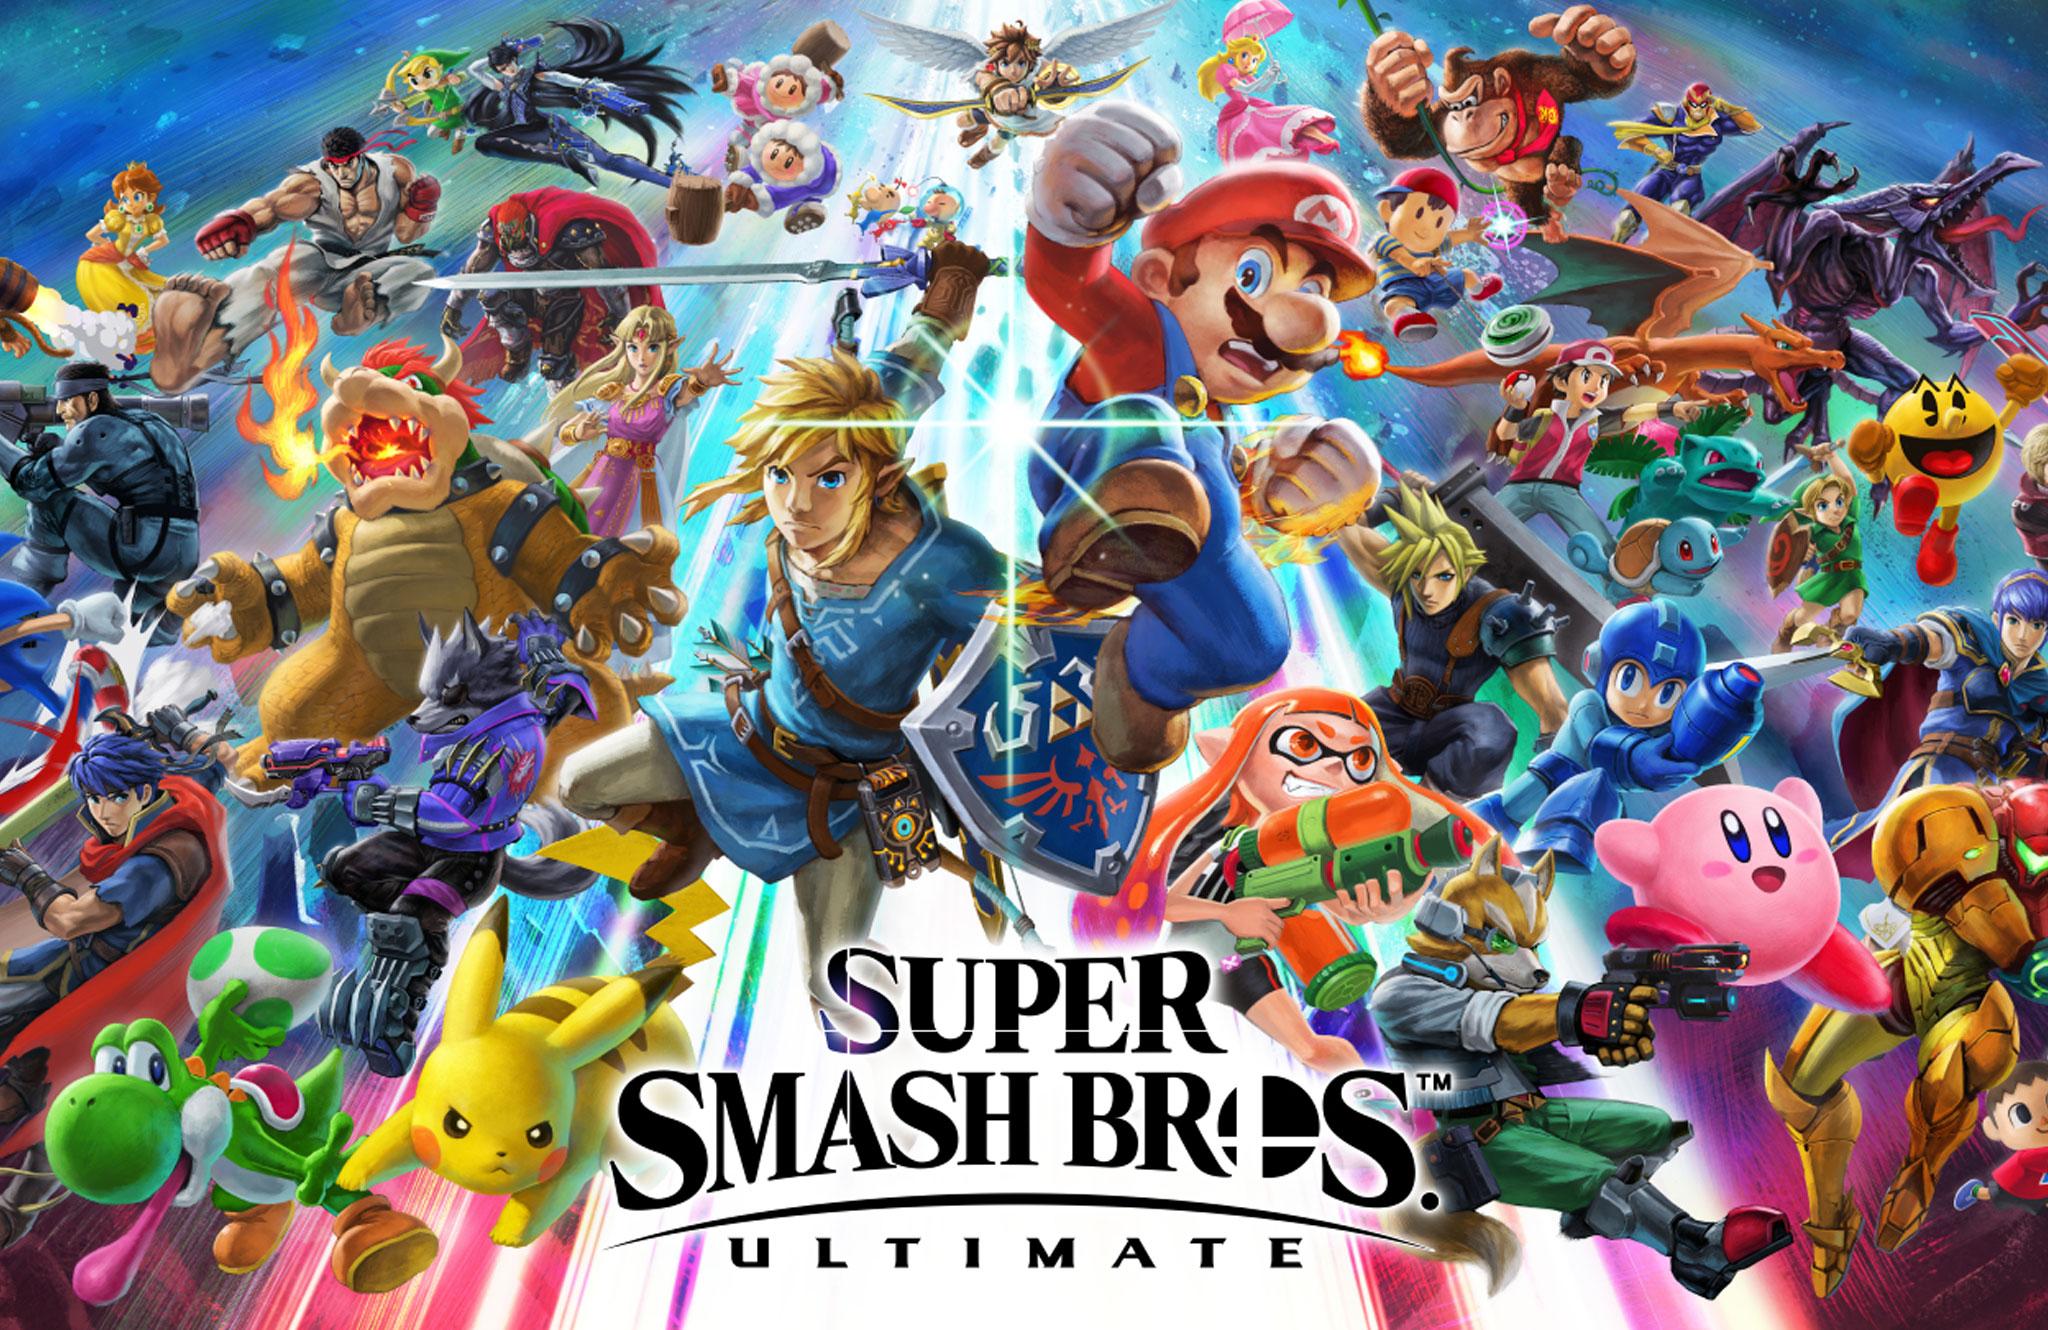 Die stärkste Keilerei des Jahres: Super Smash Bros. Ultimate